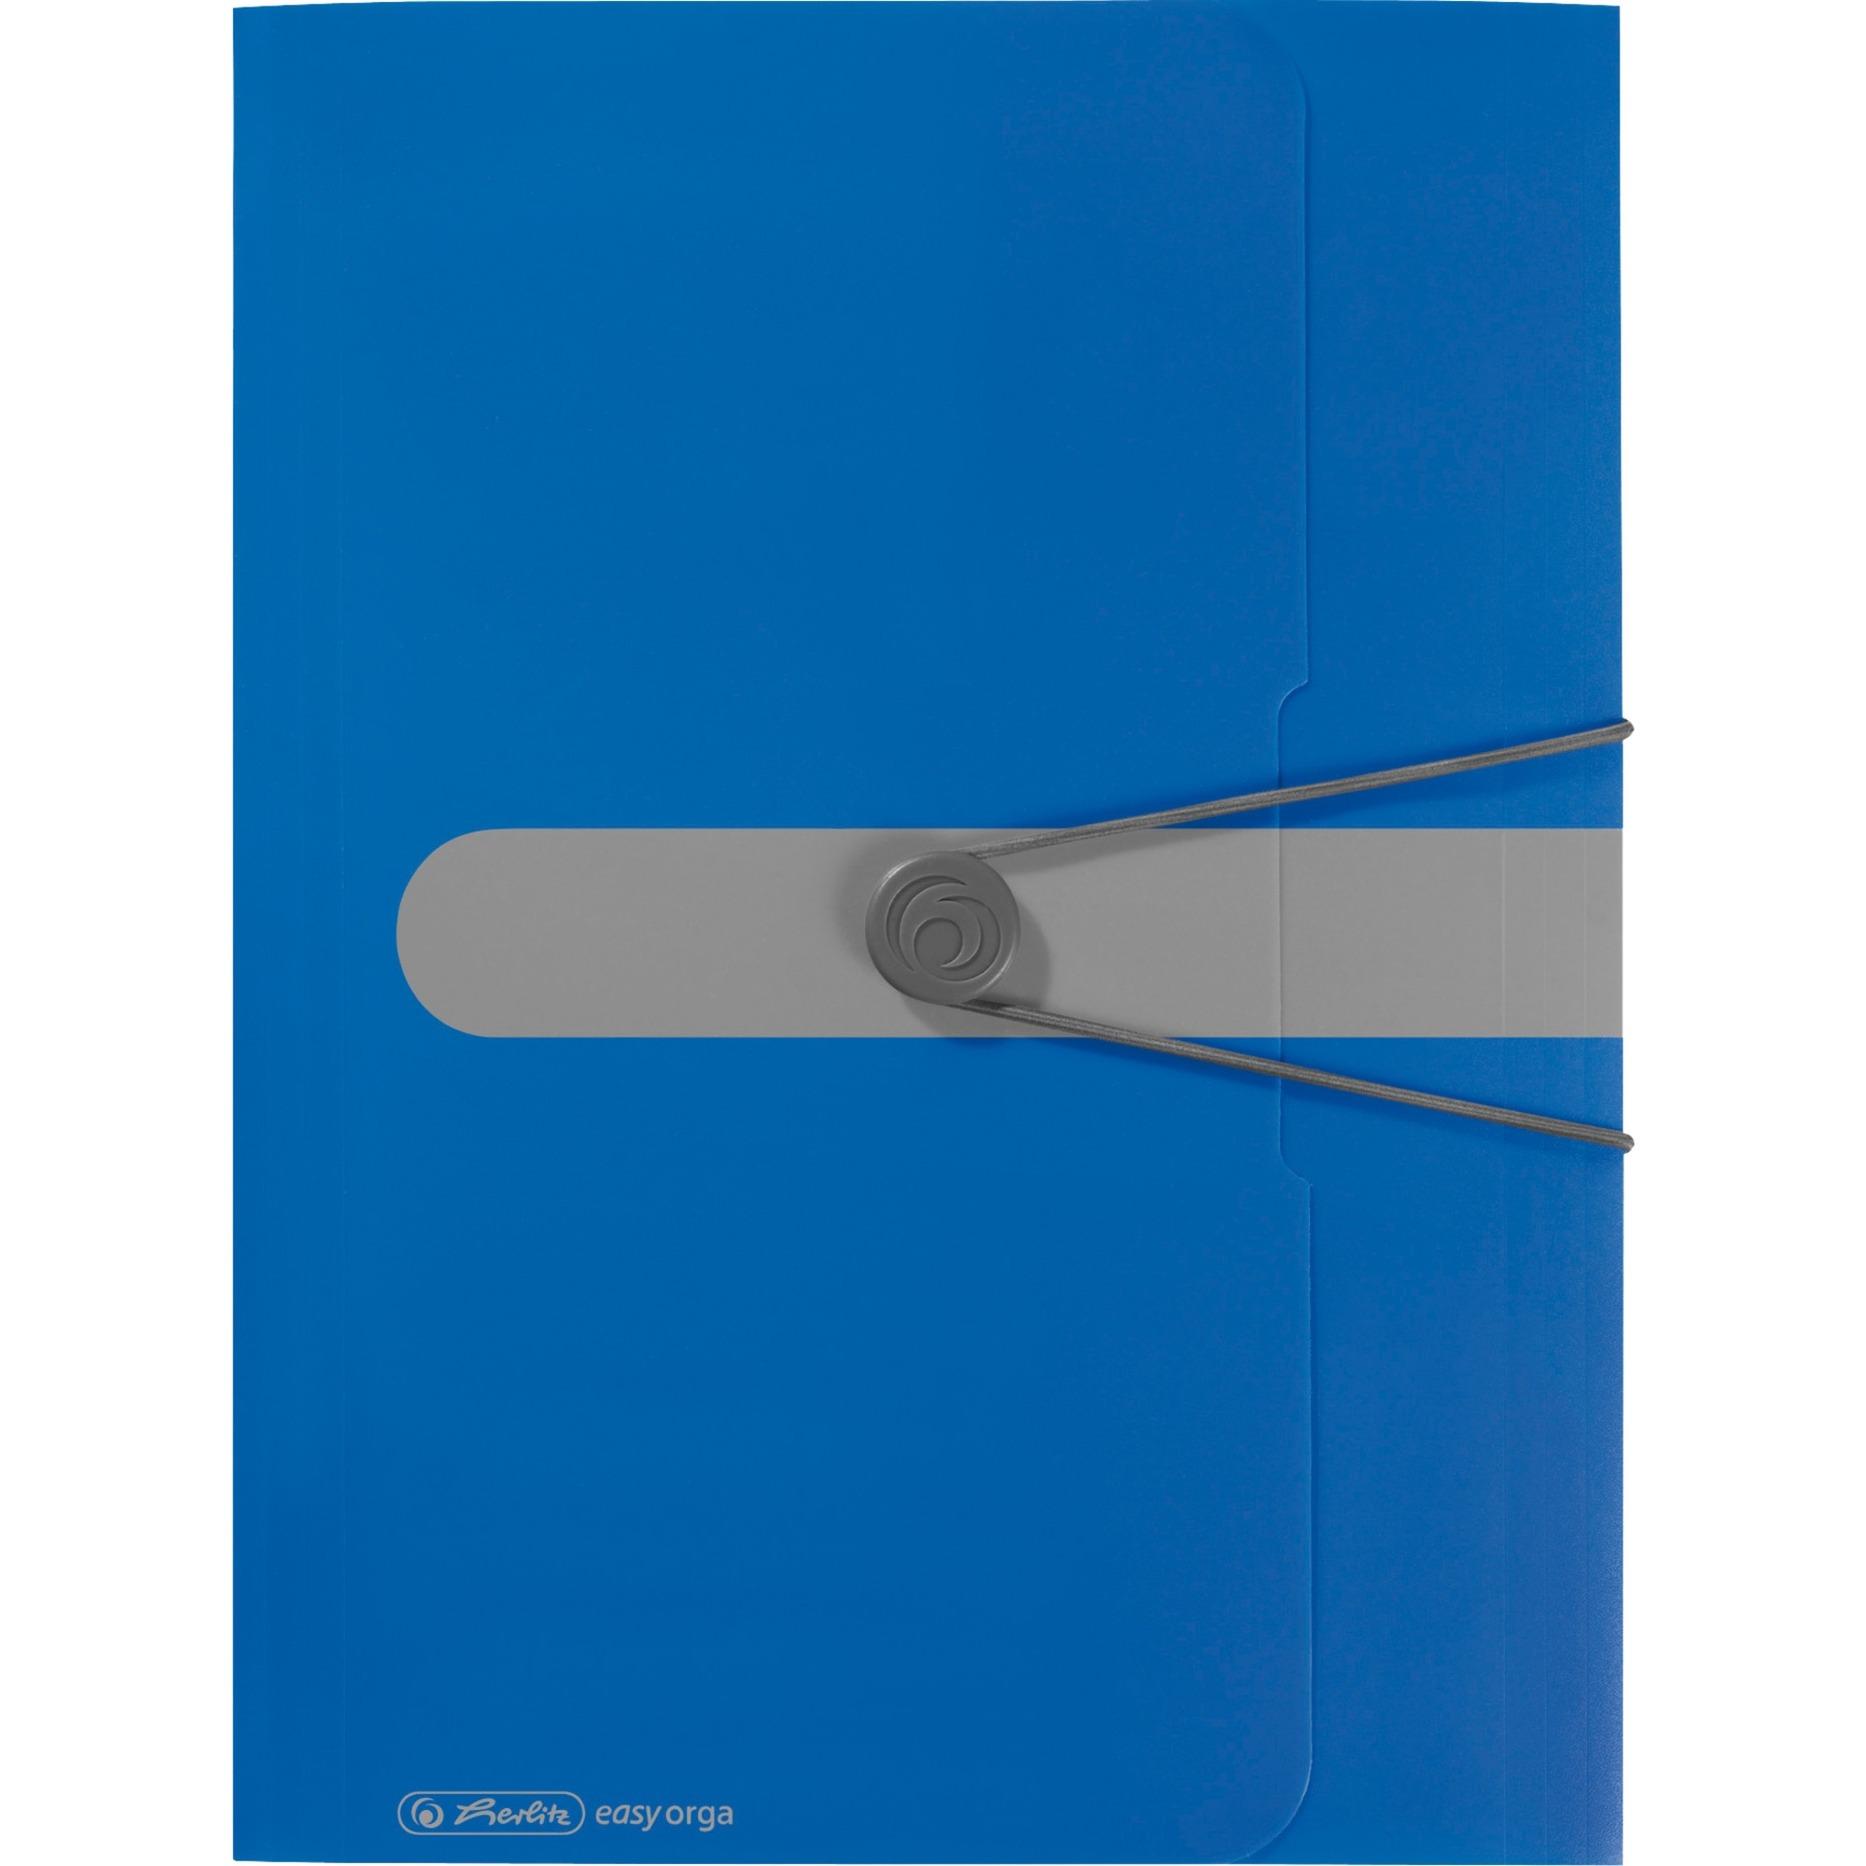 11205994 Polipropileno (PP) Azul carpeta, Organizador